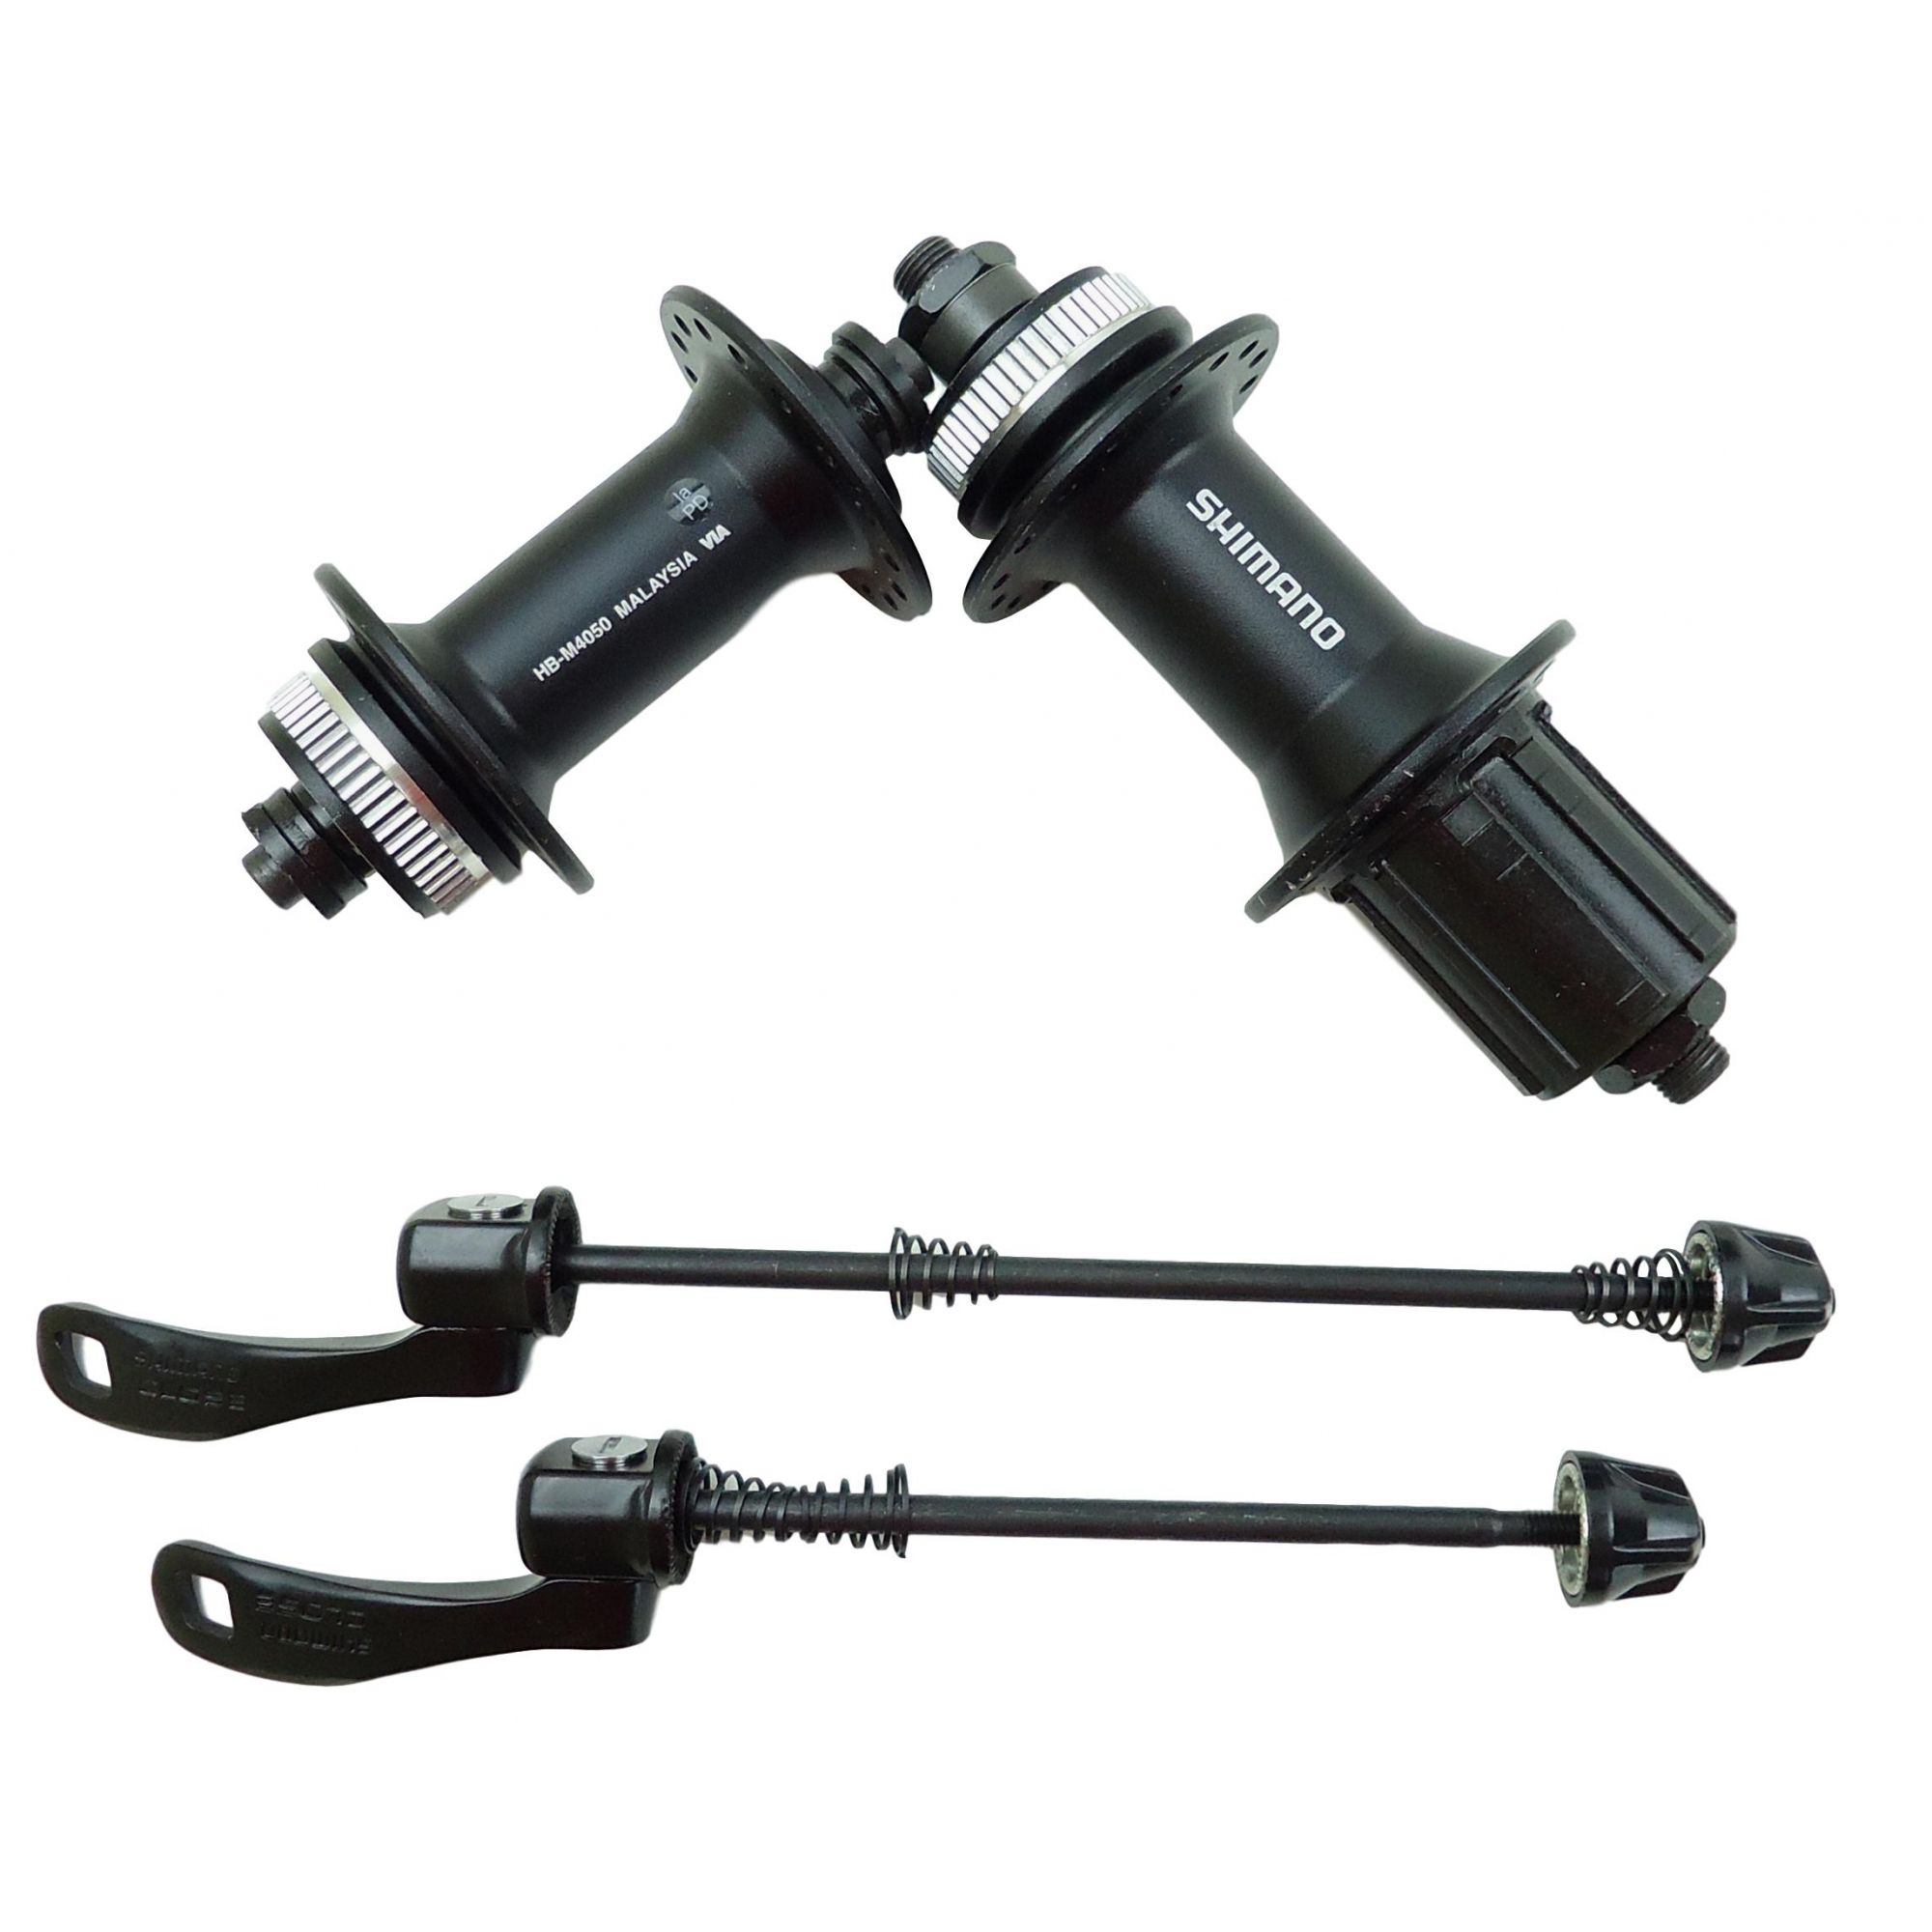 Par de Cubos Shimano Alivio M4050 32 Furos Disco Center Lock com Blocagem